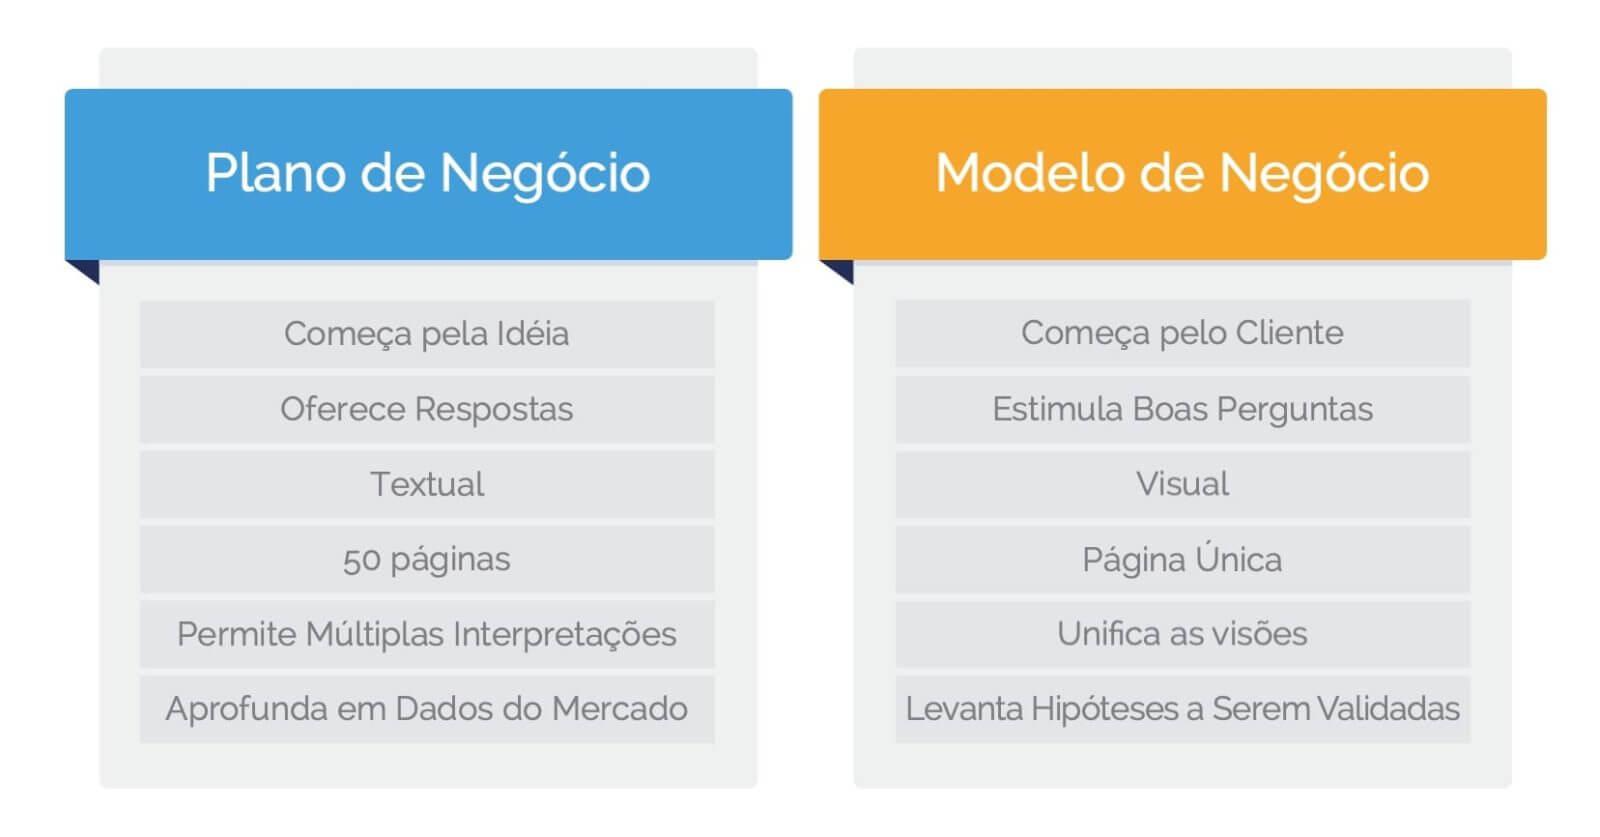 Diferença entre modelo de negócio e plano de negócio